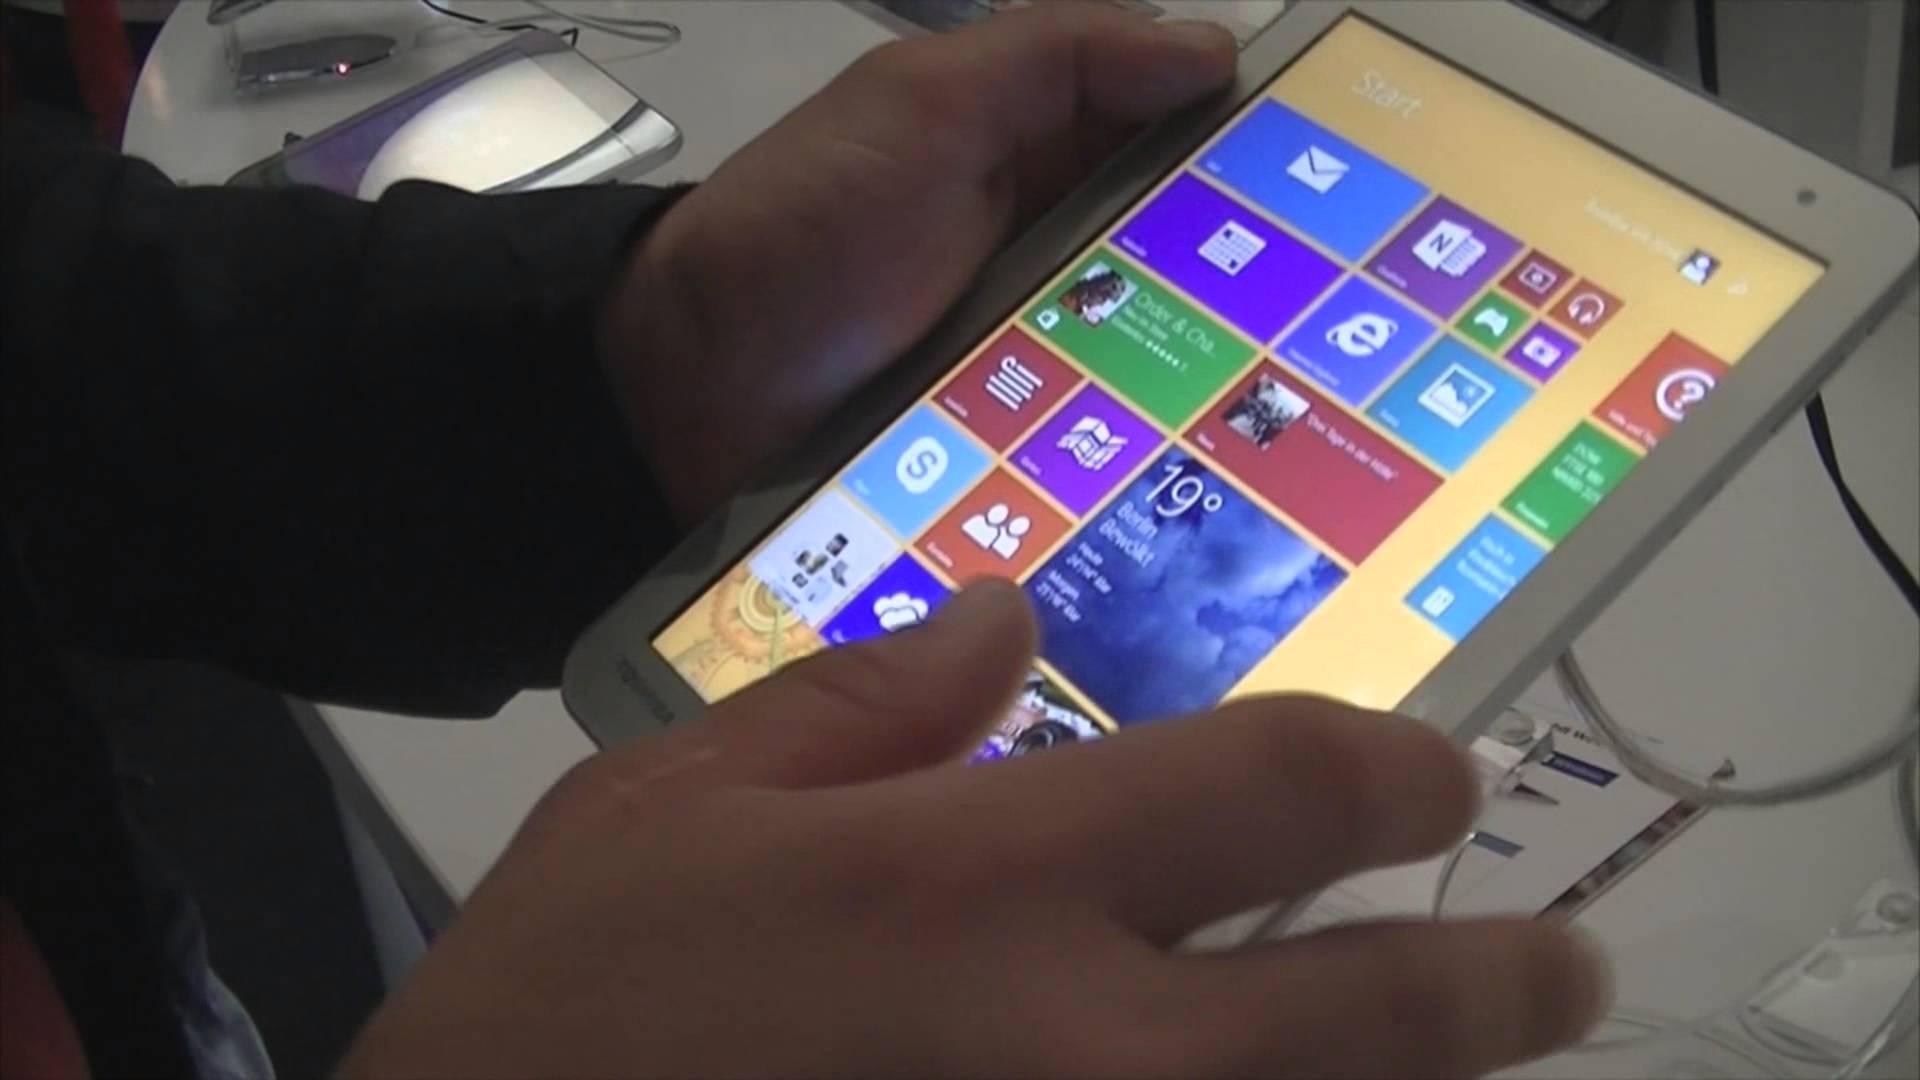 IFA 2014 : Prise en main des tablettes tactiles Toshiba Encore 2 au format 8 et 10 pouces